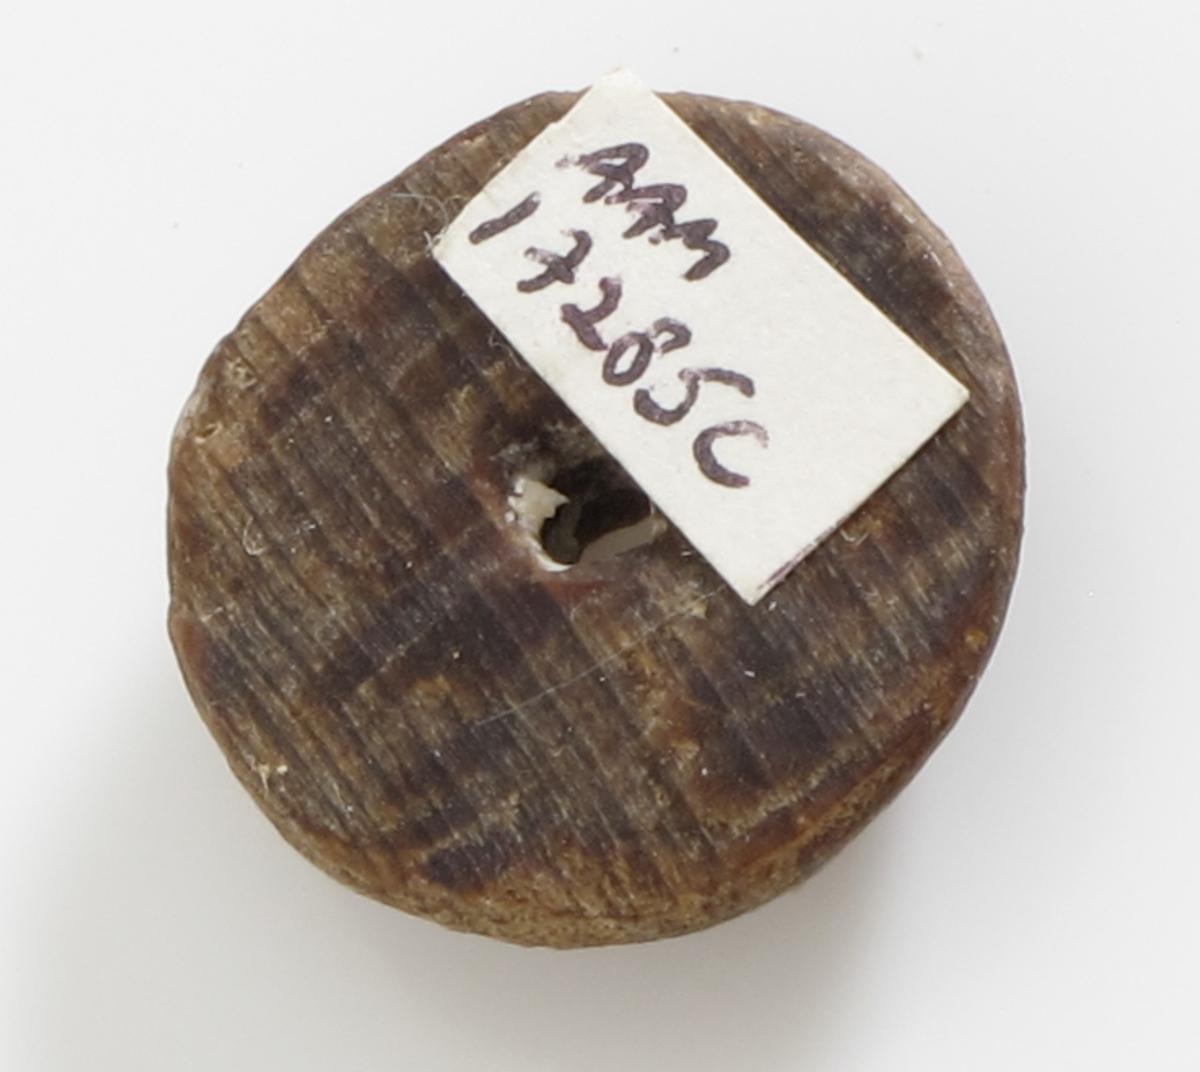 """Knapper, 11 stk.  """"Fredensborg,""""1768.   a)  Lærknapp. Diam. 2,1 Flat underside, overside med radiære riller, to hull. Et lite stk. borte i  kanten.    b-f )  Knapper, 5 stk., Tre,  med hvelvet overside og ett forholdsvis stort hull. Diam. 1,9.  y    g-i.)  Knapper, 3 stk. Tre. Tynne, små, med ett hull.   Diam. 1,2.  j-k )  Knapper, 2 stk. svakt hvelvet overflate,ett  hull, den ene avslått et segment. Diam. 2,1."""